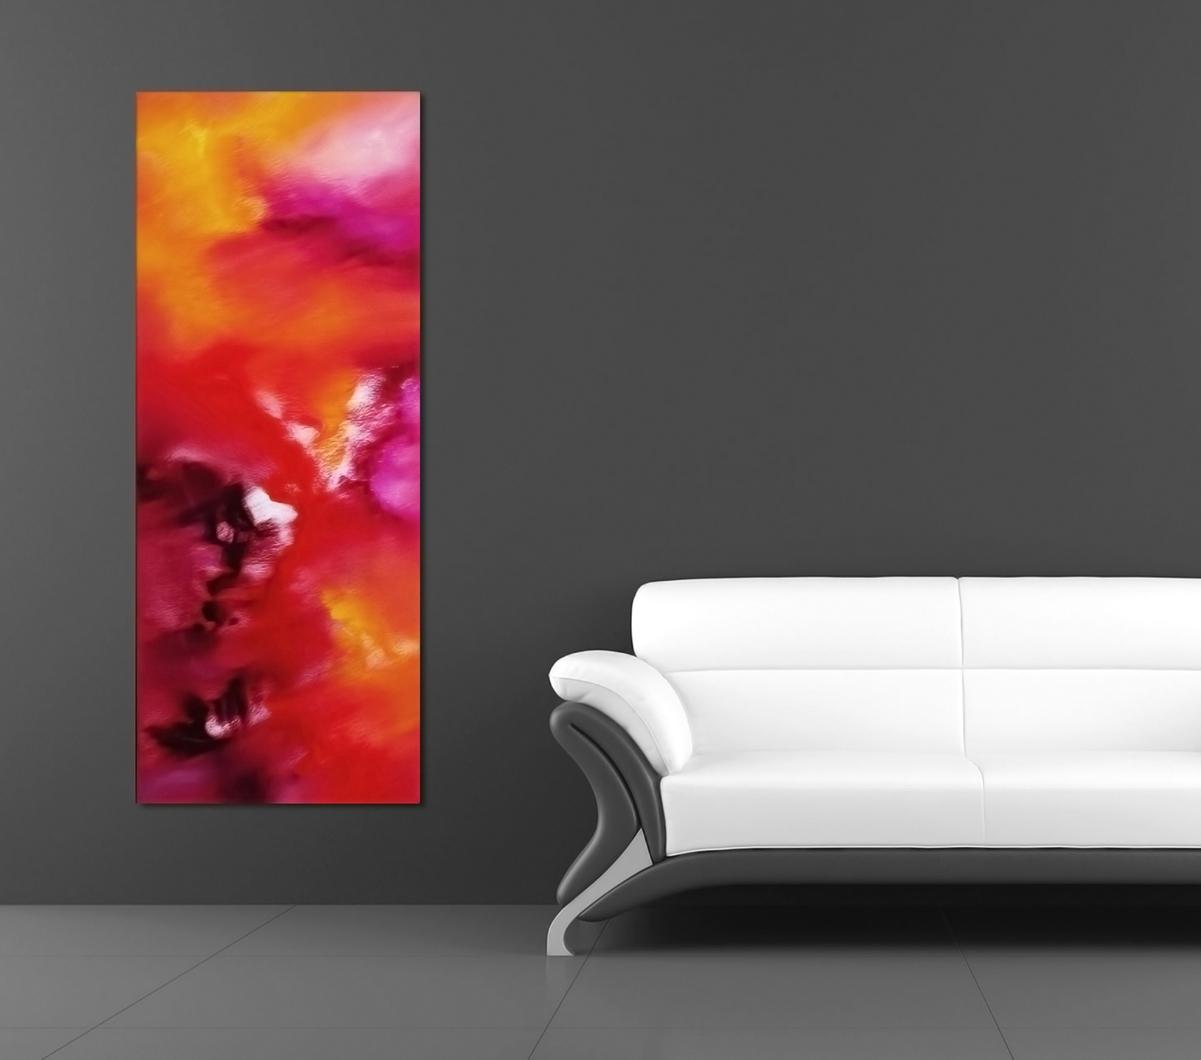 Le vie della seta 40x100 quadro astratto in vendita online